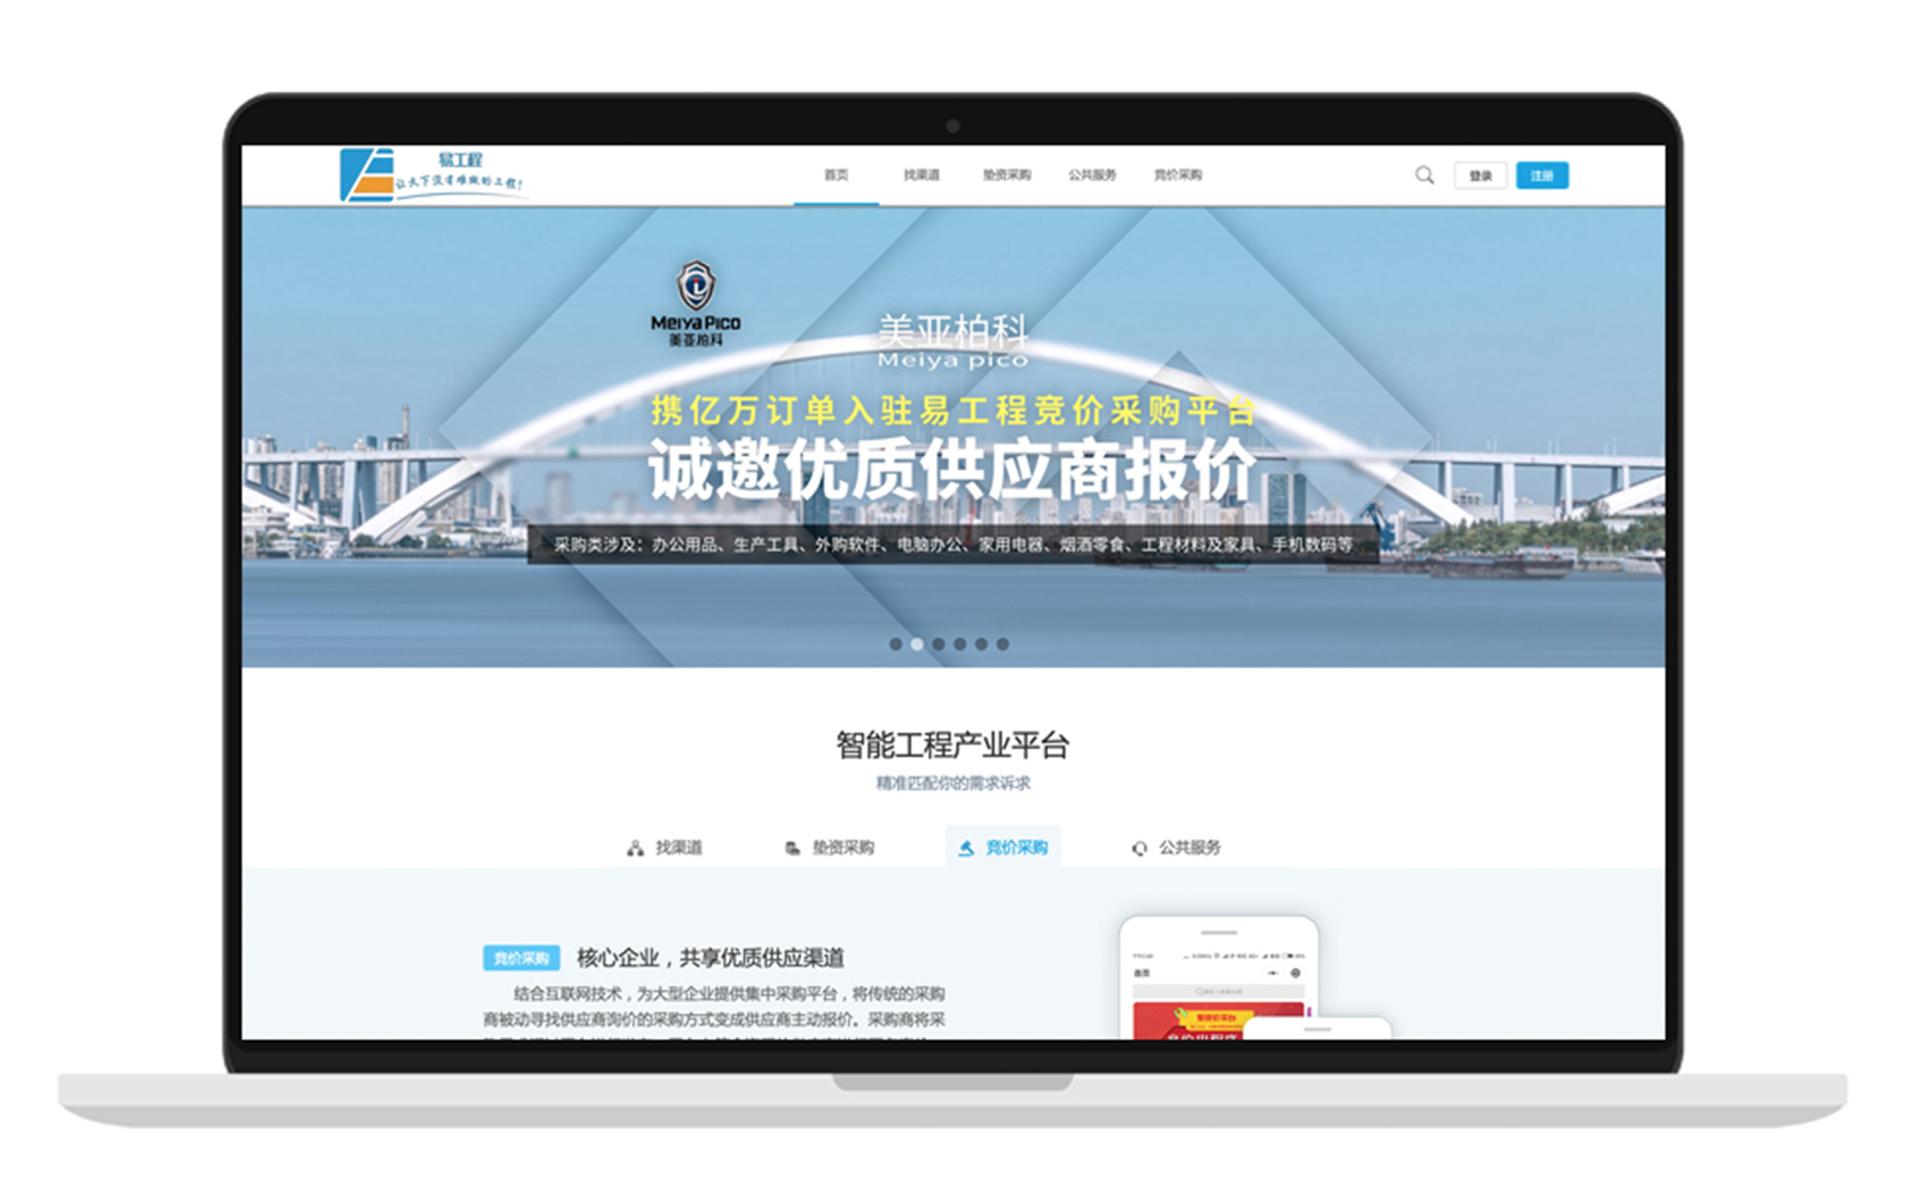 企业官网站模板建设前端定制开发设计制作做公司手机电商城网站